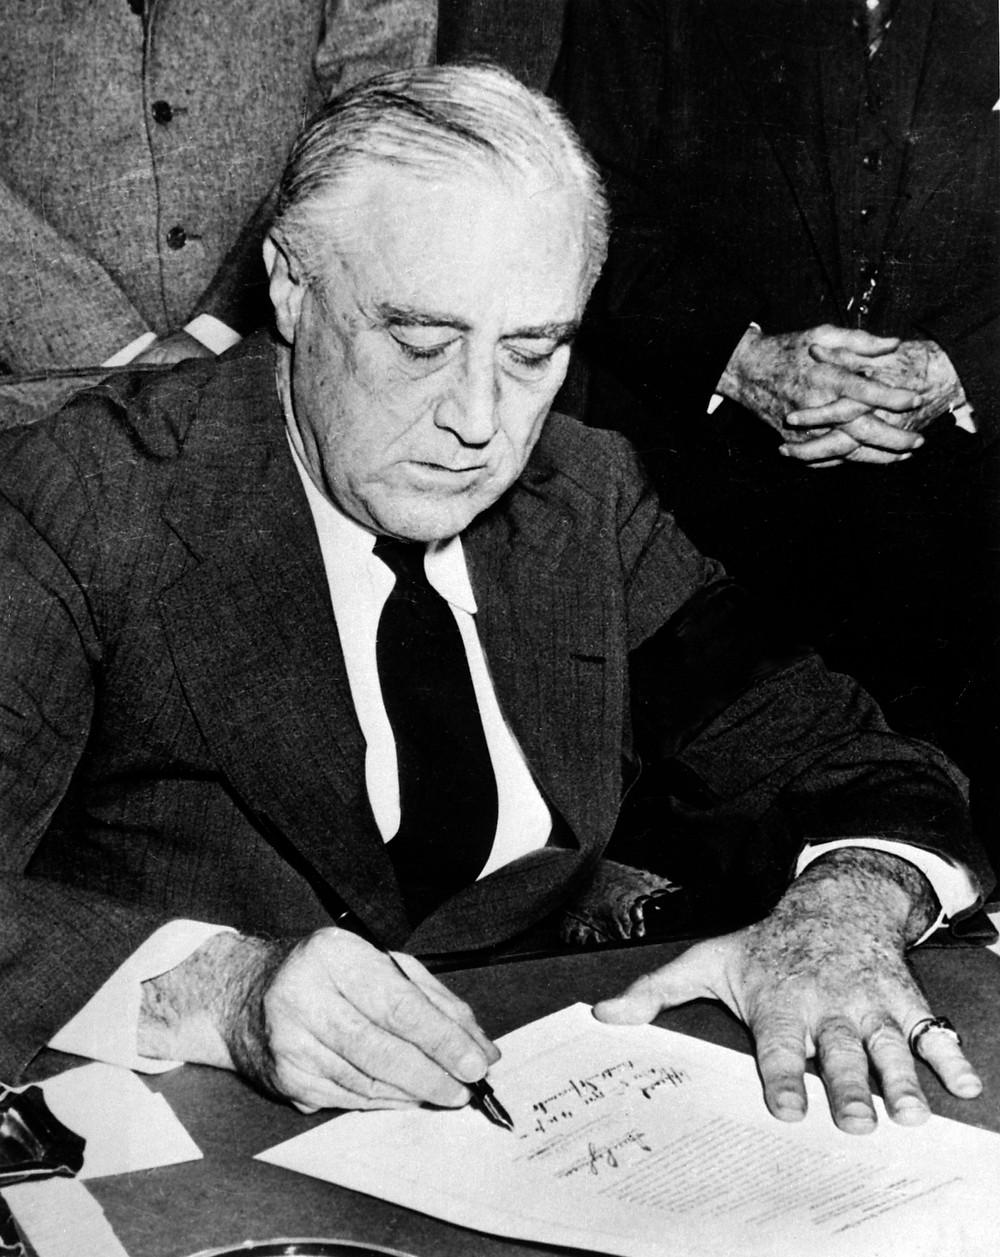 羅斯福總統簽署對日戰爭聲明,1941年12月8日攝